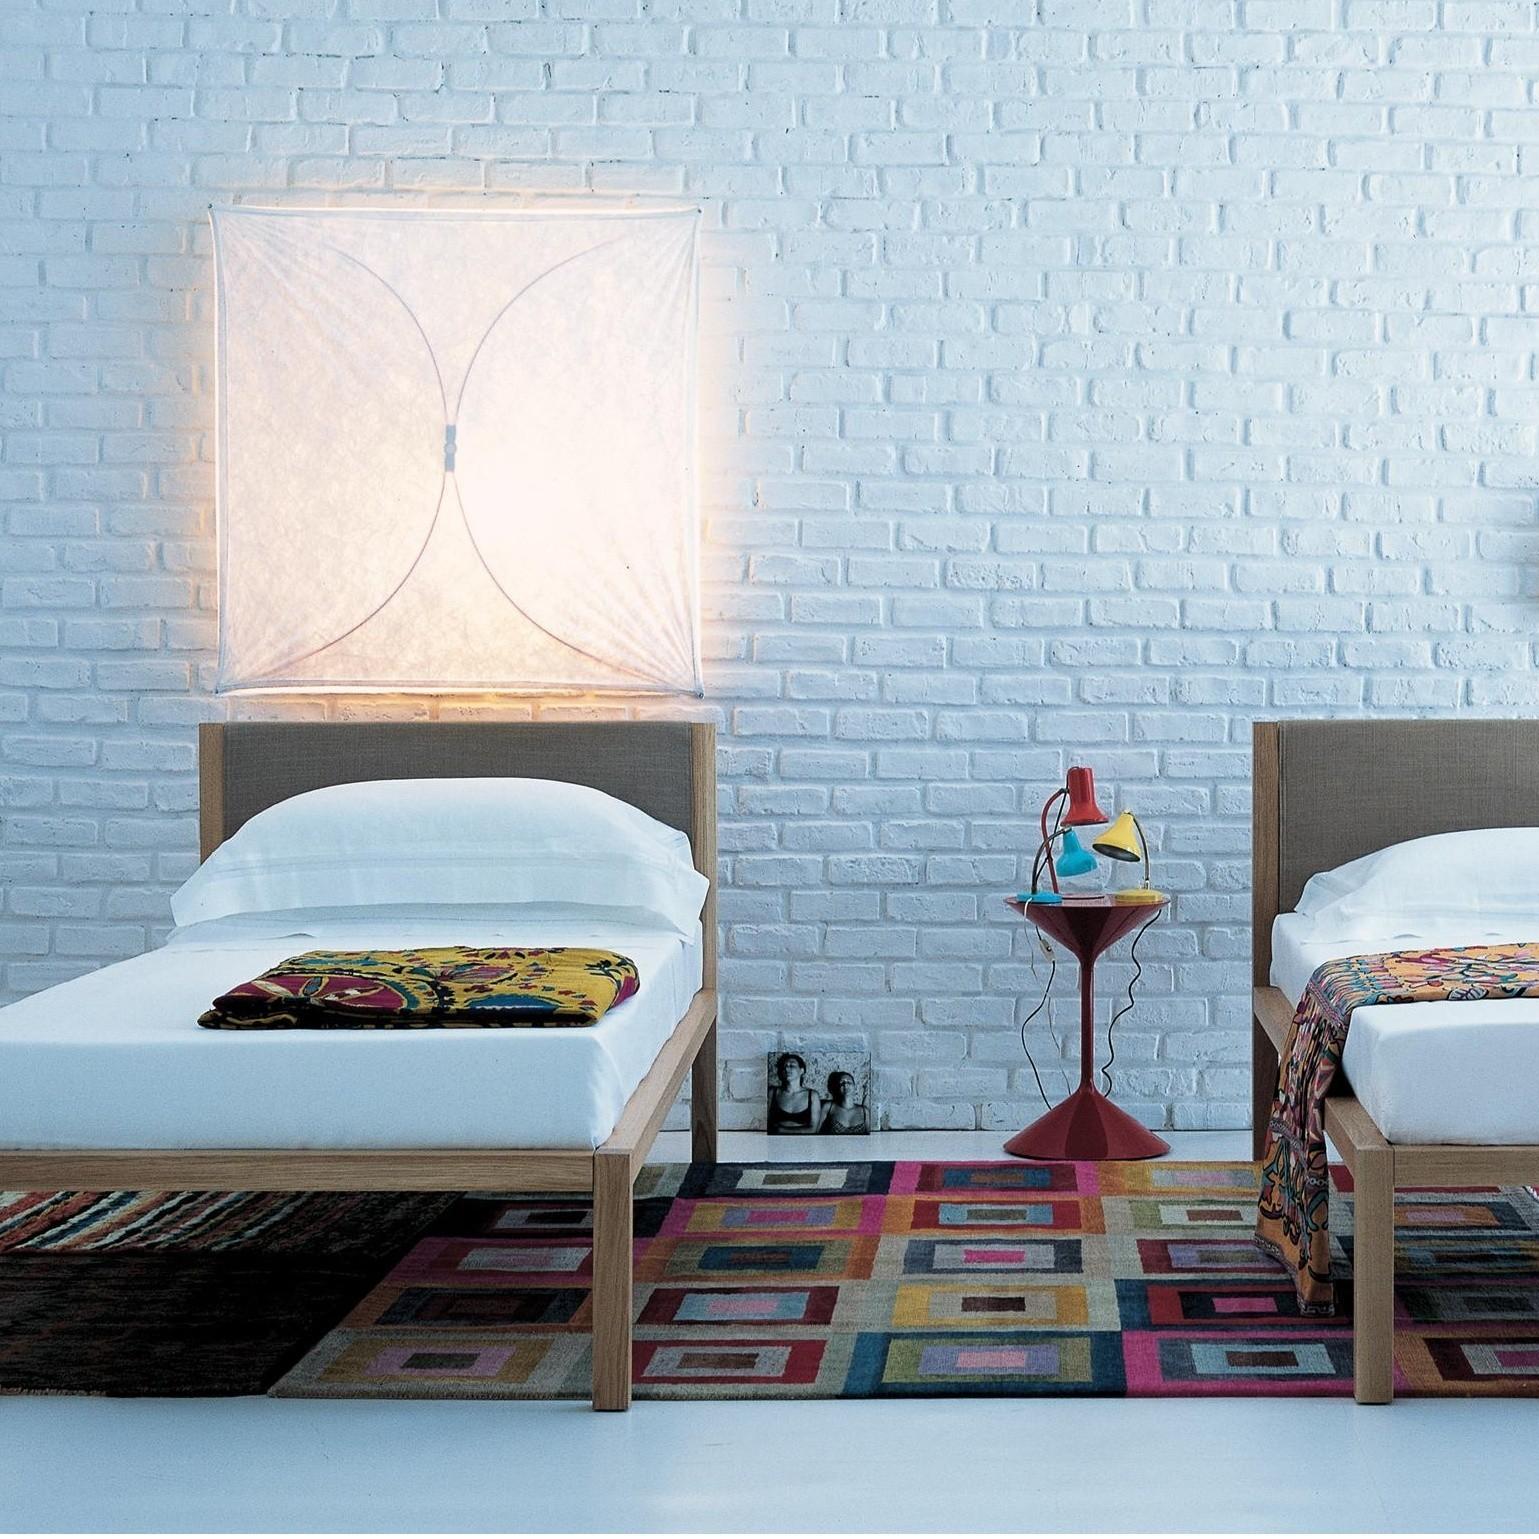 Full Size of Flos Ariette 2 Wand Deckenleuchte Ambientedirect Klapptisch Küche Garten Wohnzimmer Wand:ylp2gzuwkdi= Klapptisch